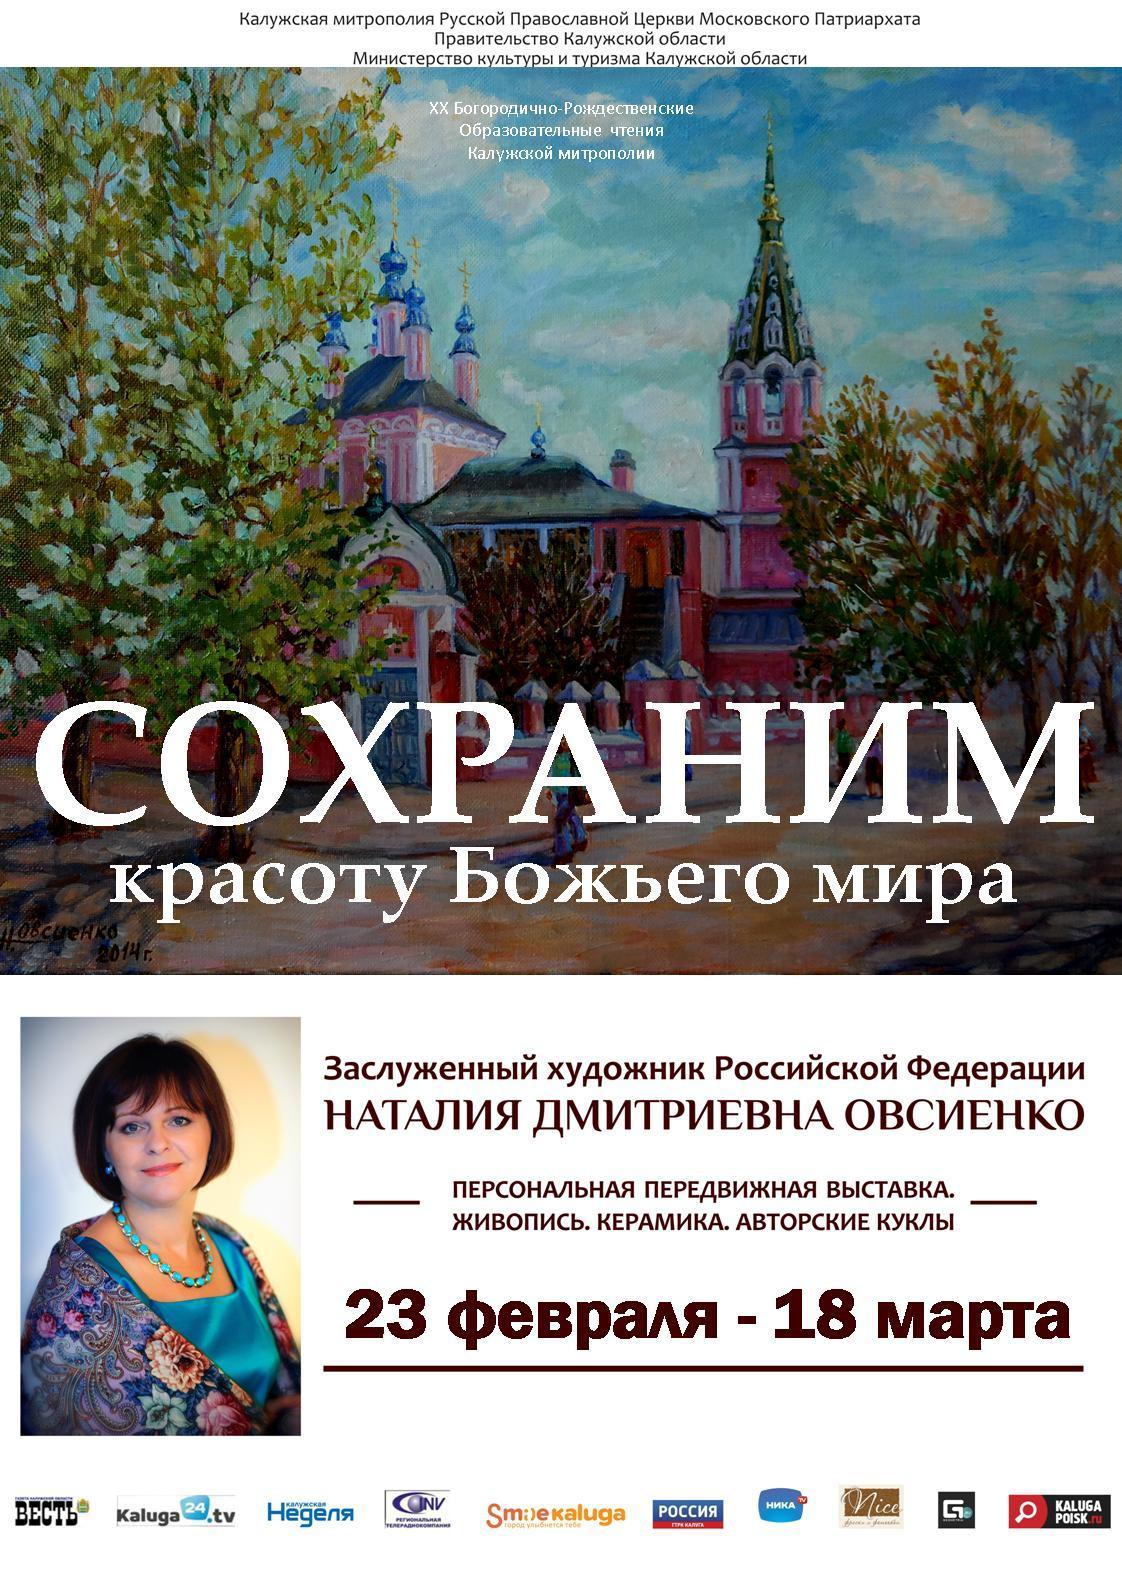 Выставка Наталии Дмитриевны Овсиенко «Сохраним красоту Божьего мира»